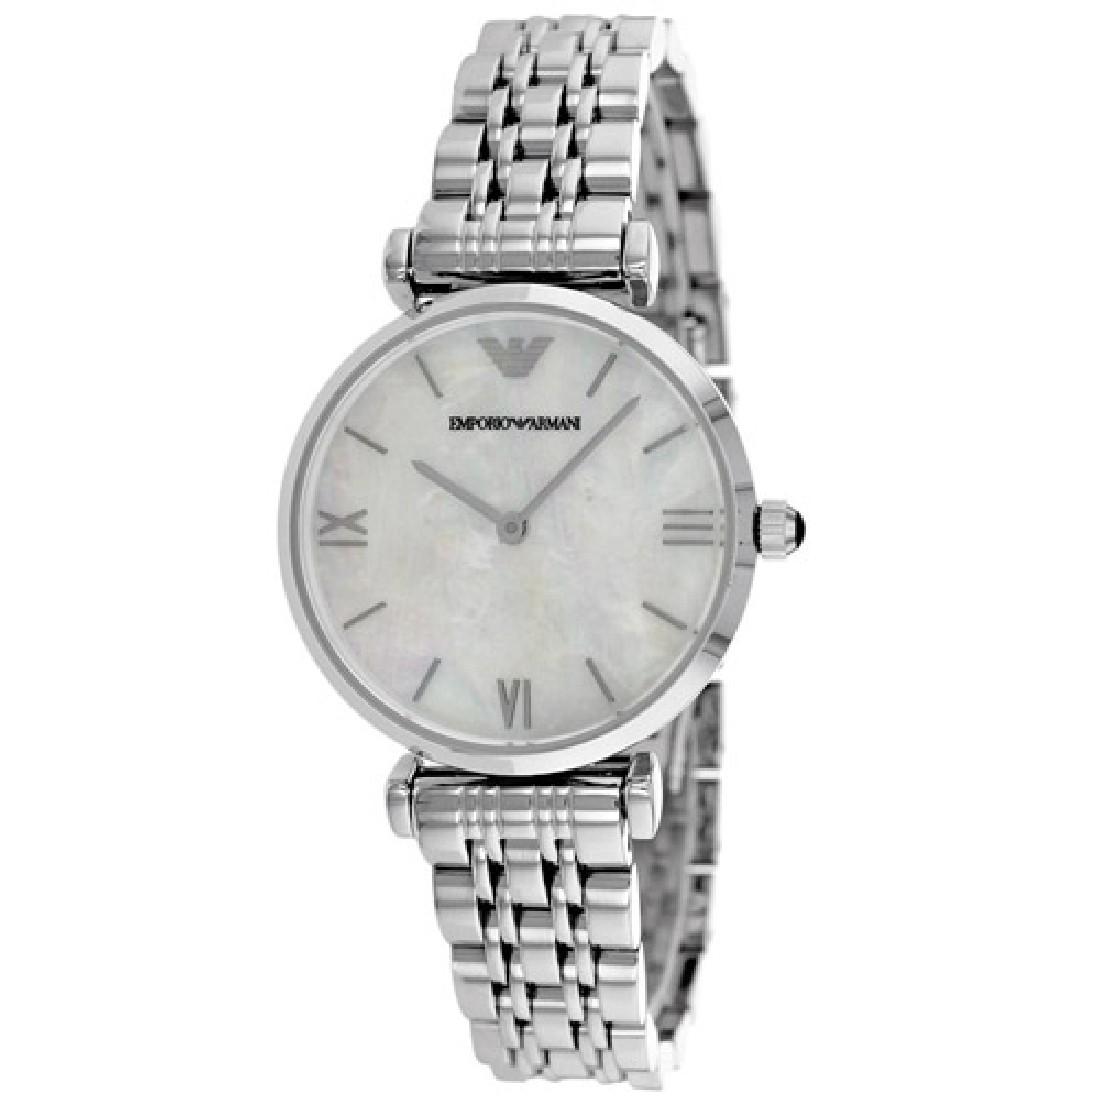 12ca44e7ae66 Reloj Emporio Armani Mujer AR1682 RELOJES EMPORIO ARMANI Ofertas